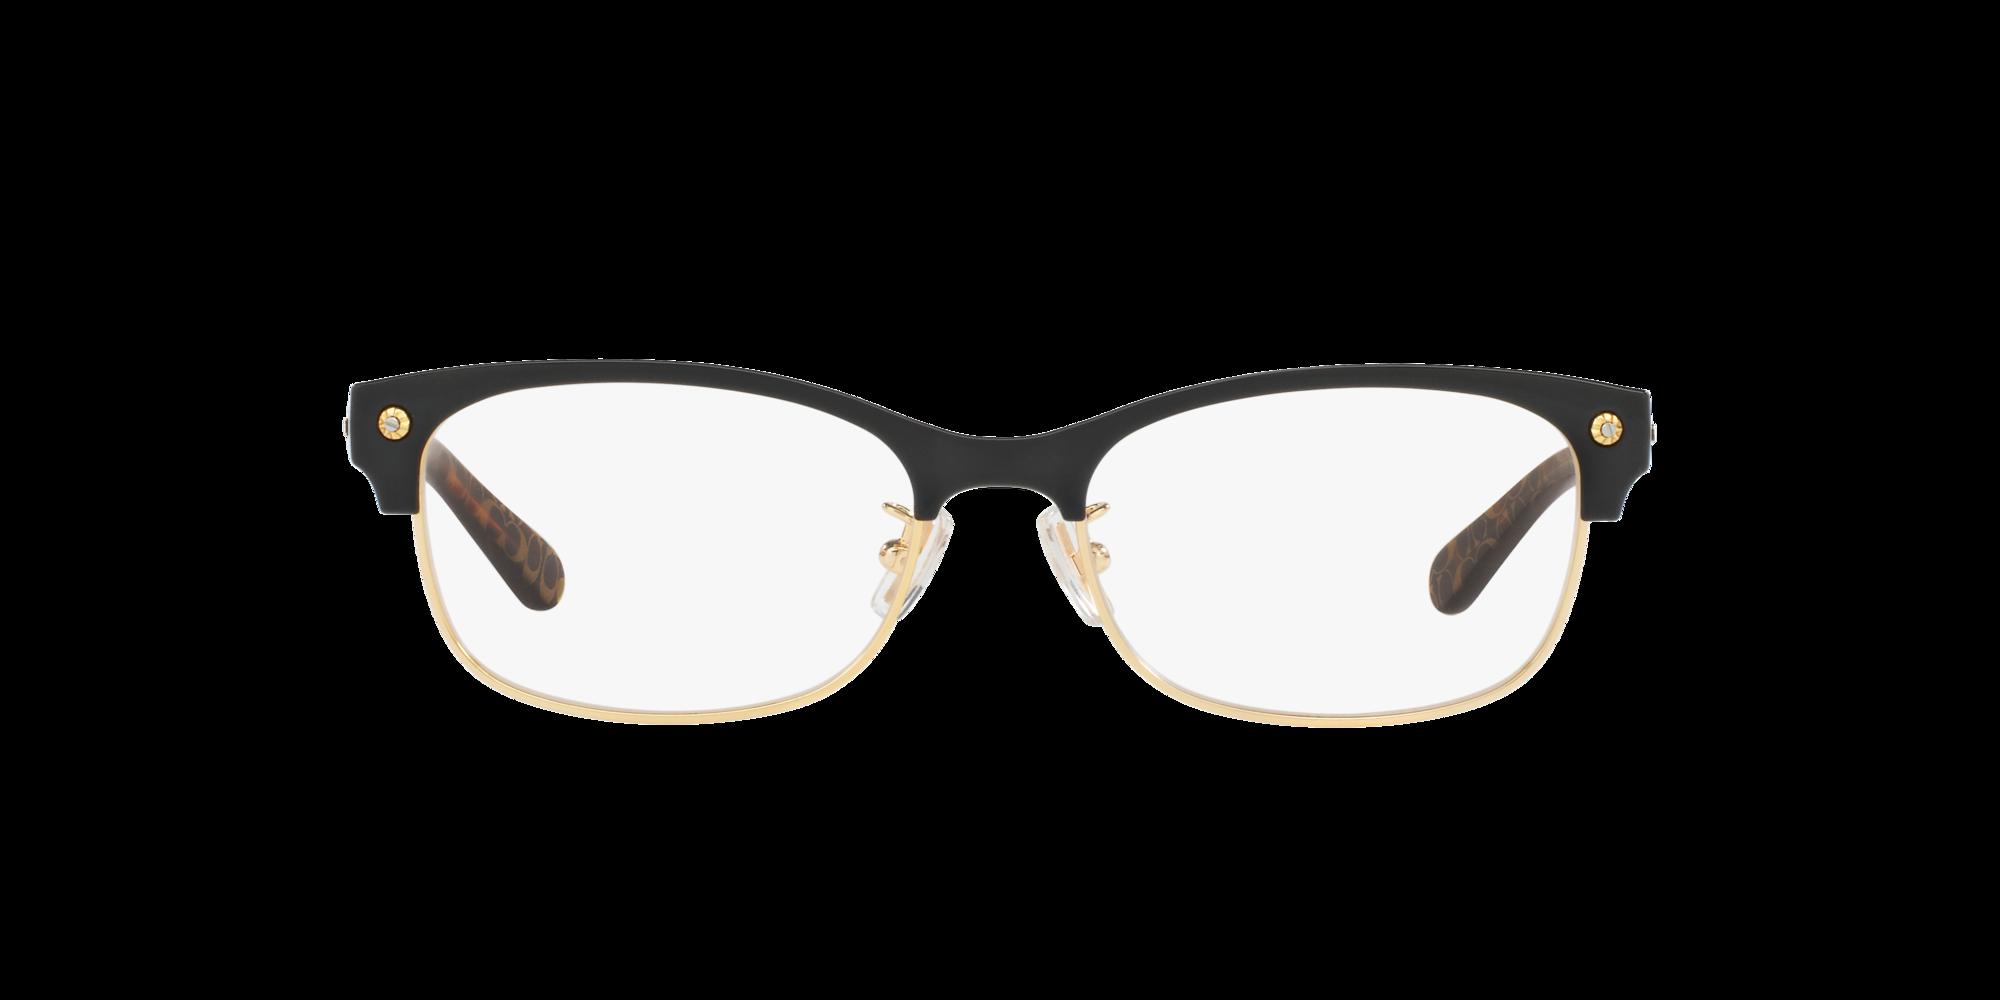 Imagen para HC6098 de LensCrafters    Espejuelos, espejuelos graduados en línea, gafas